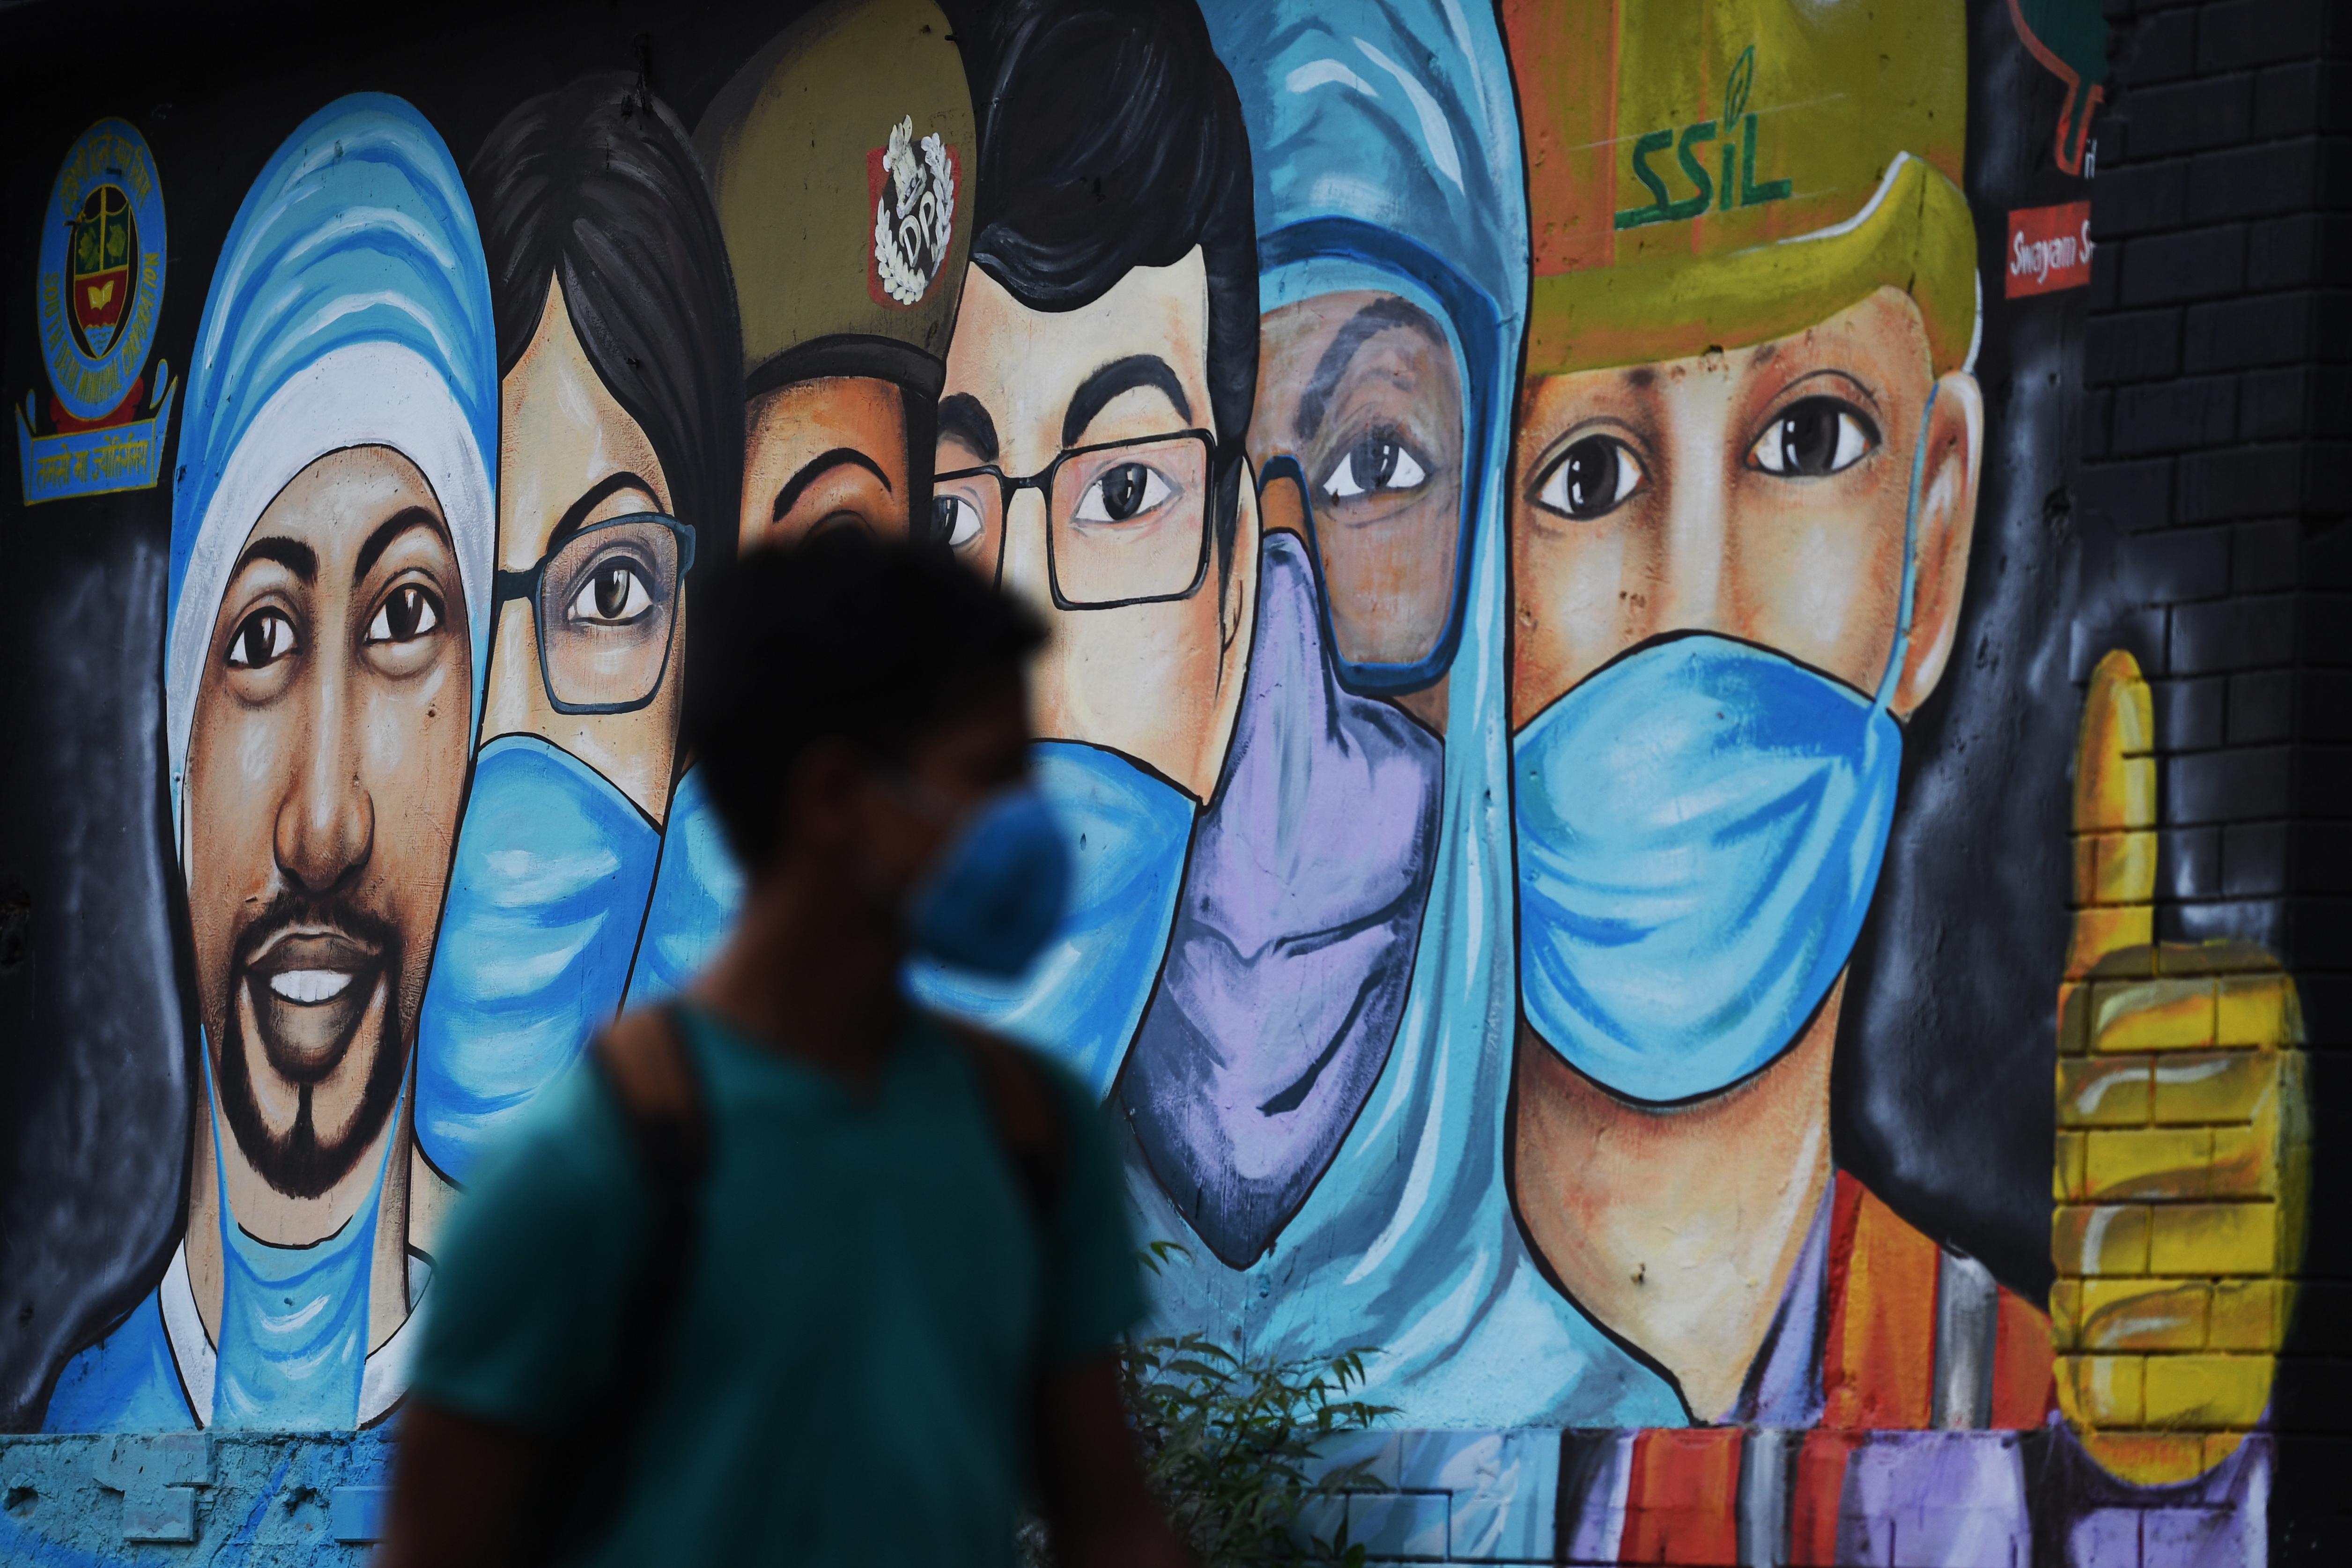 Delhiben az emberek negyede elkapta a koronavírust